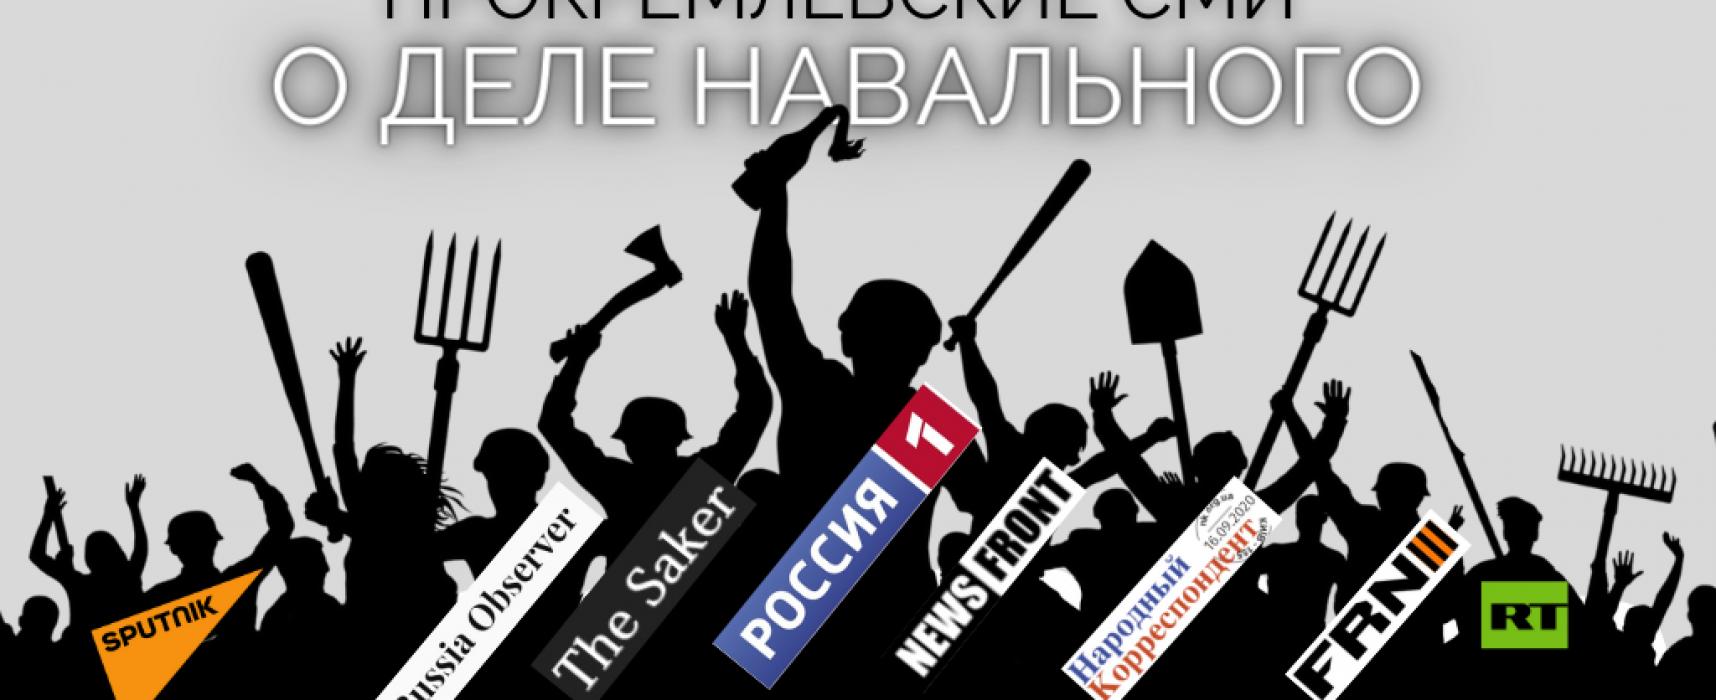 Пятьдесят способов убить Навального